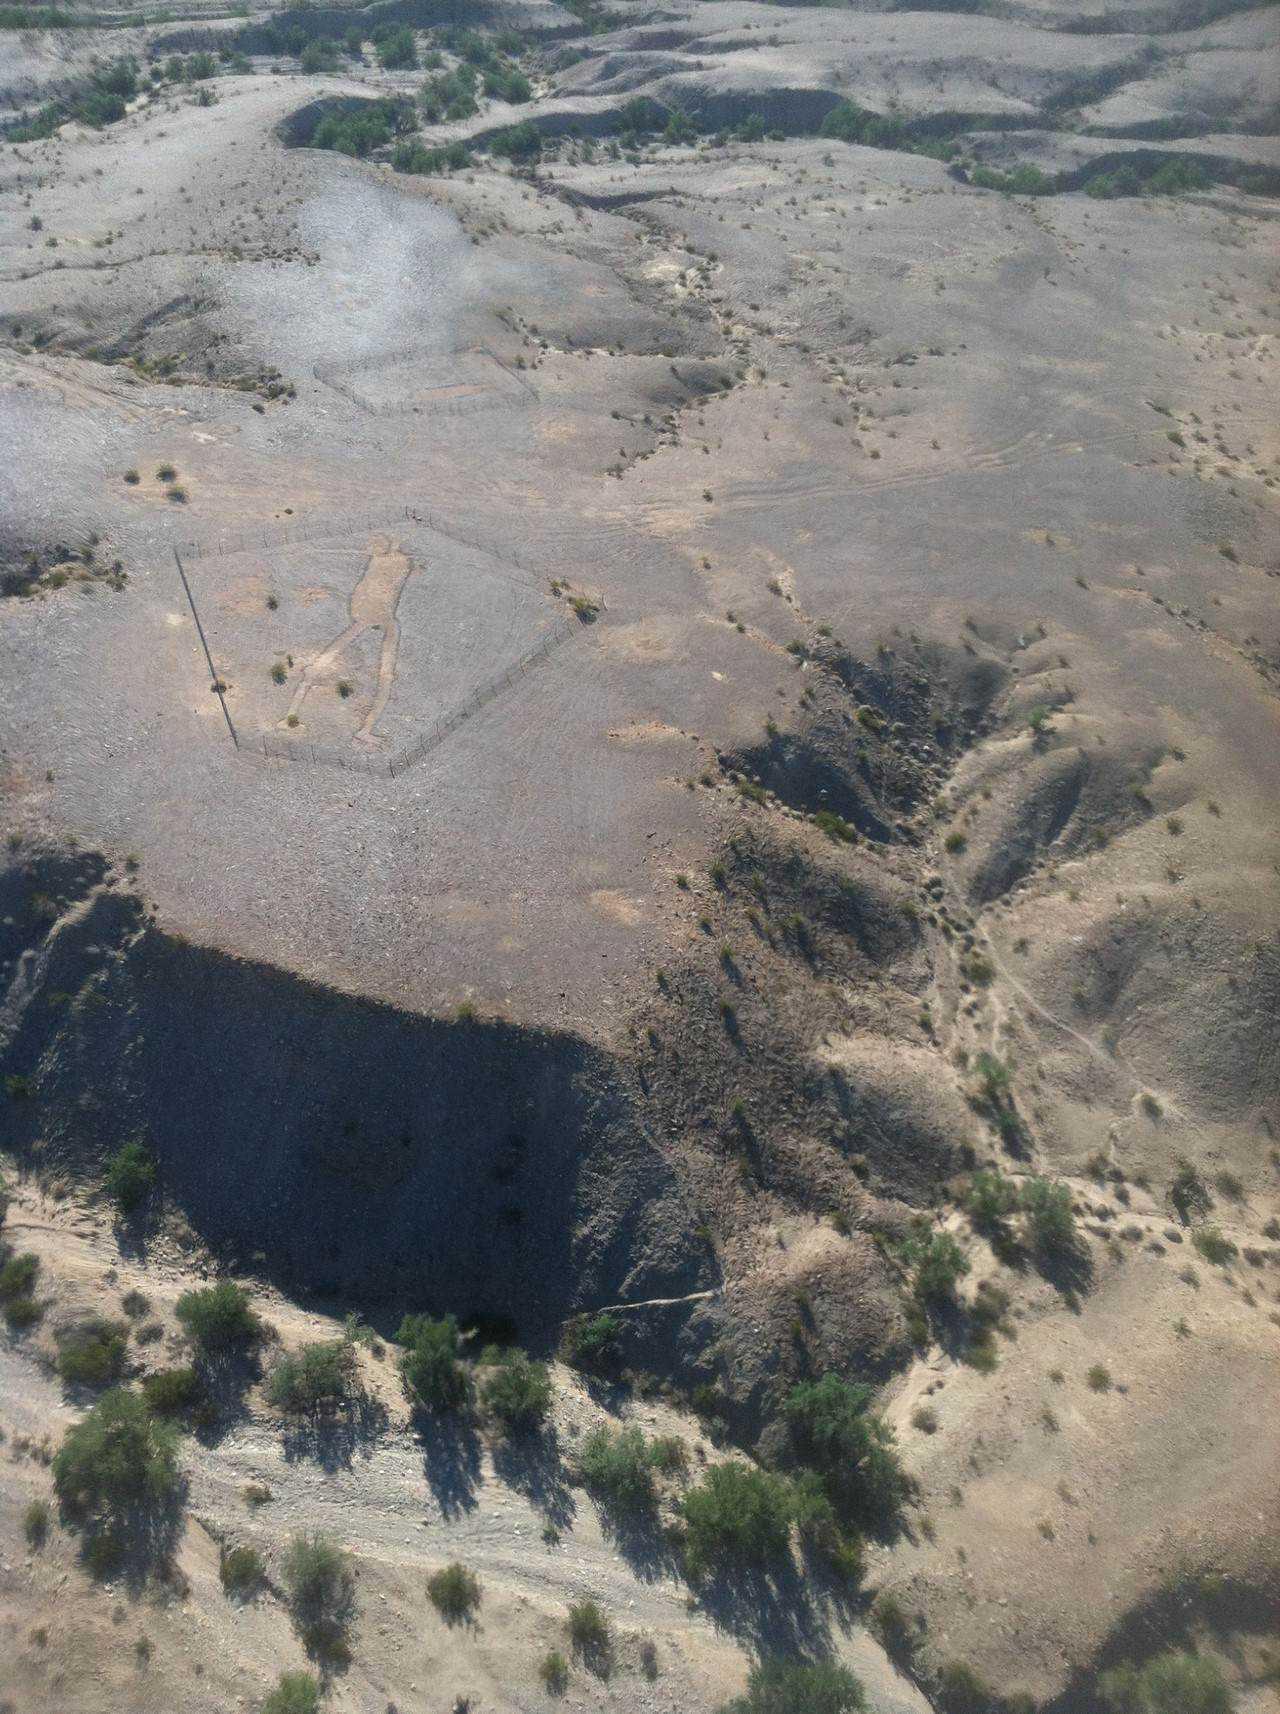 0 14b665 2c43462c orig Desenhos para serem vistos dos céus: O mistério dos geoglifos pelo mundo